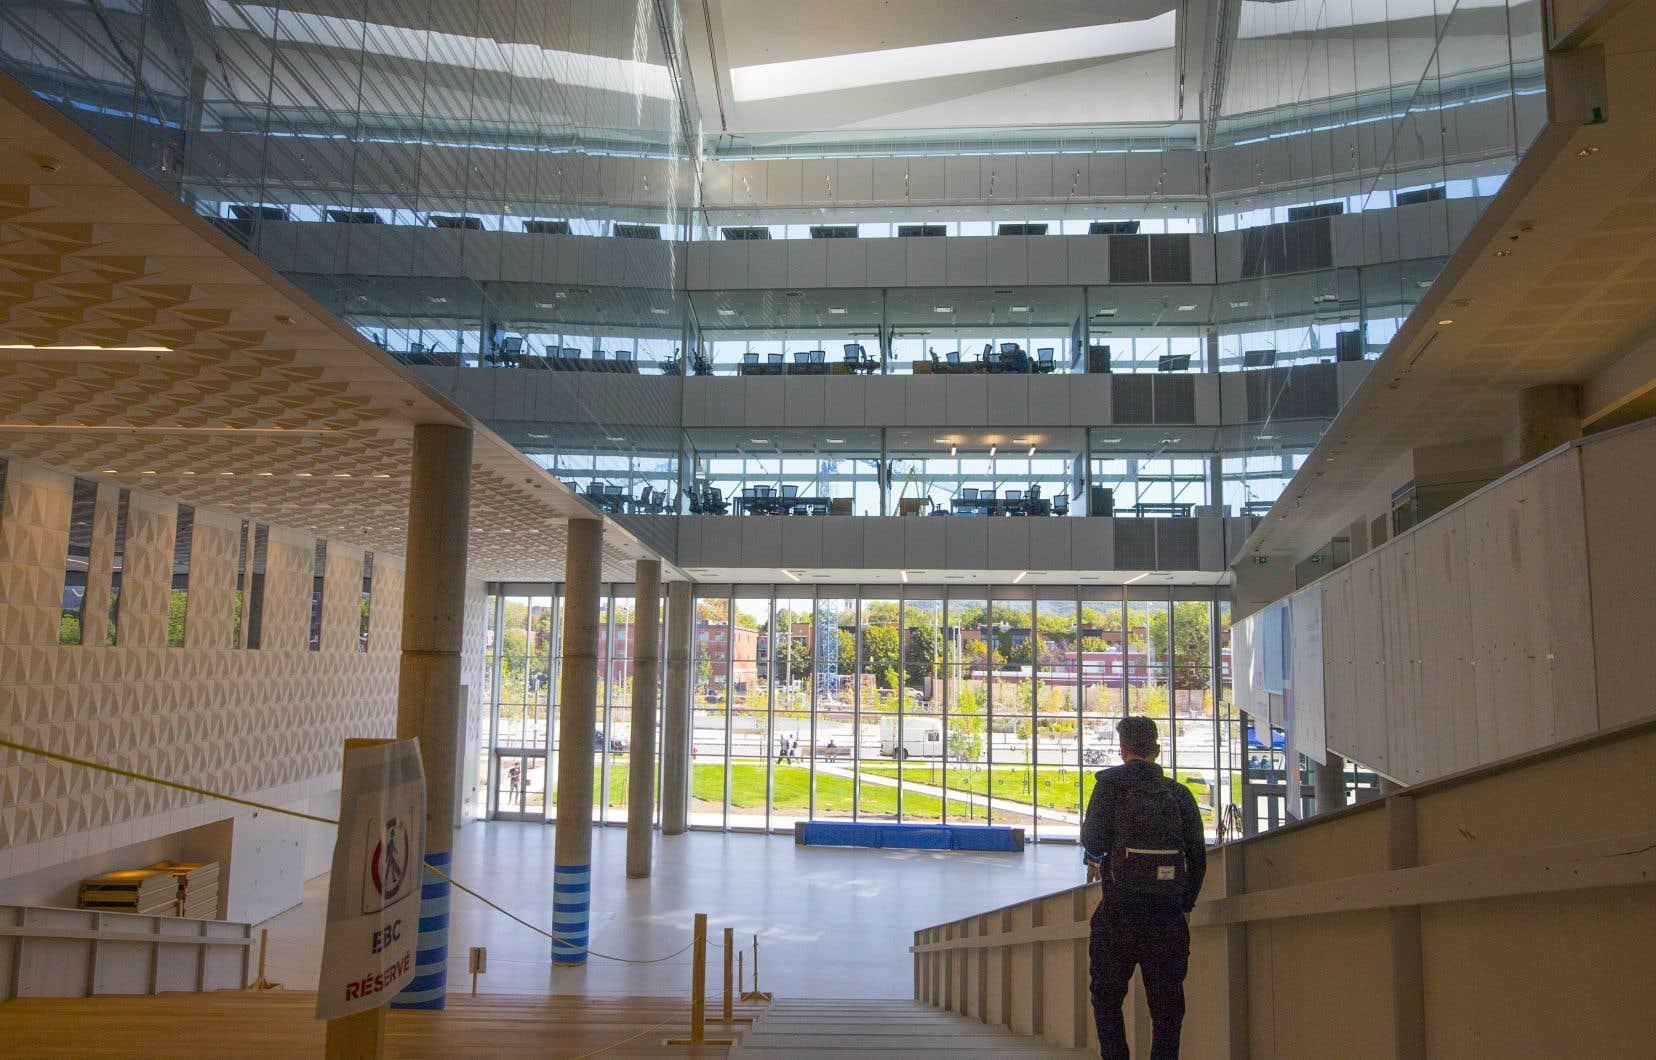 Les universités demandent au gouvernement Legault de relancer la recherche scientifique, paralysée depuis six semaines en raison de la pandémie.